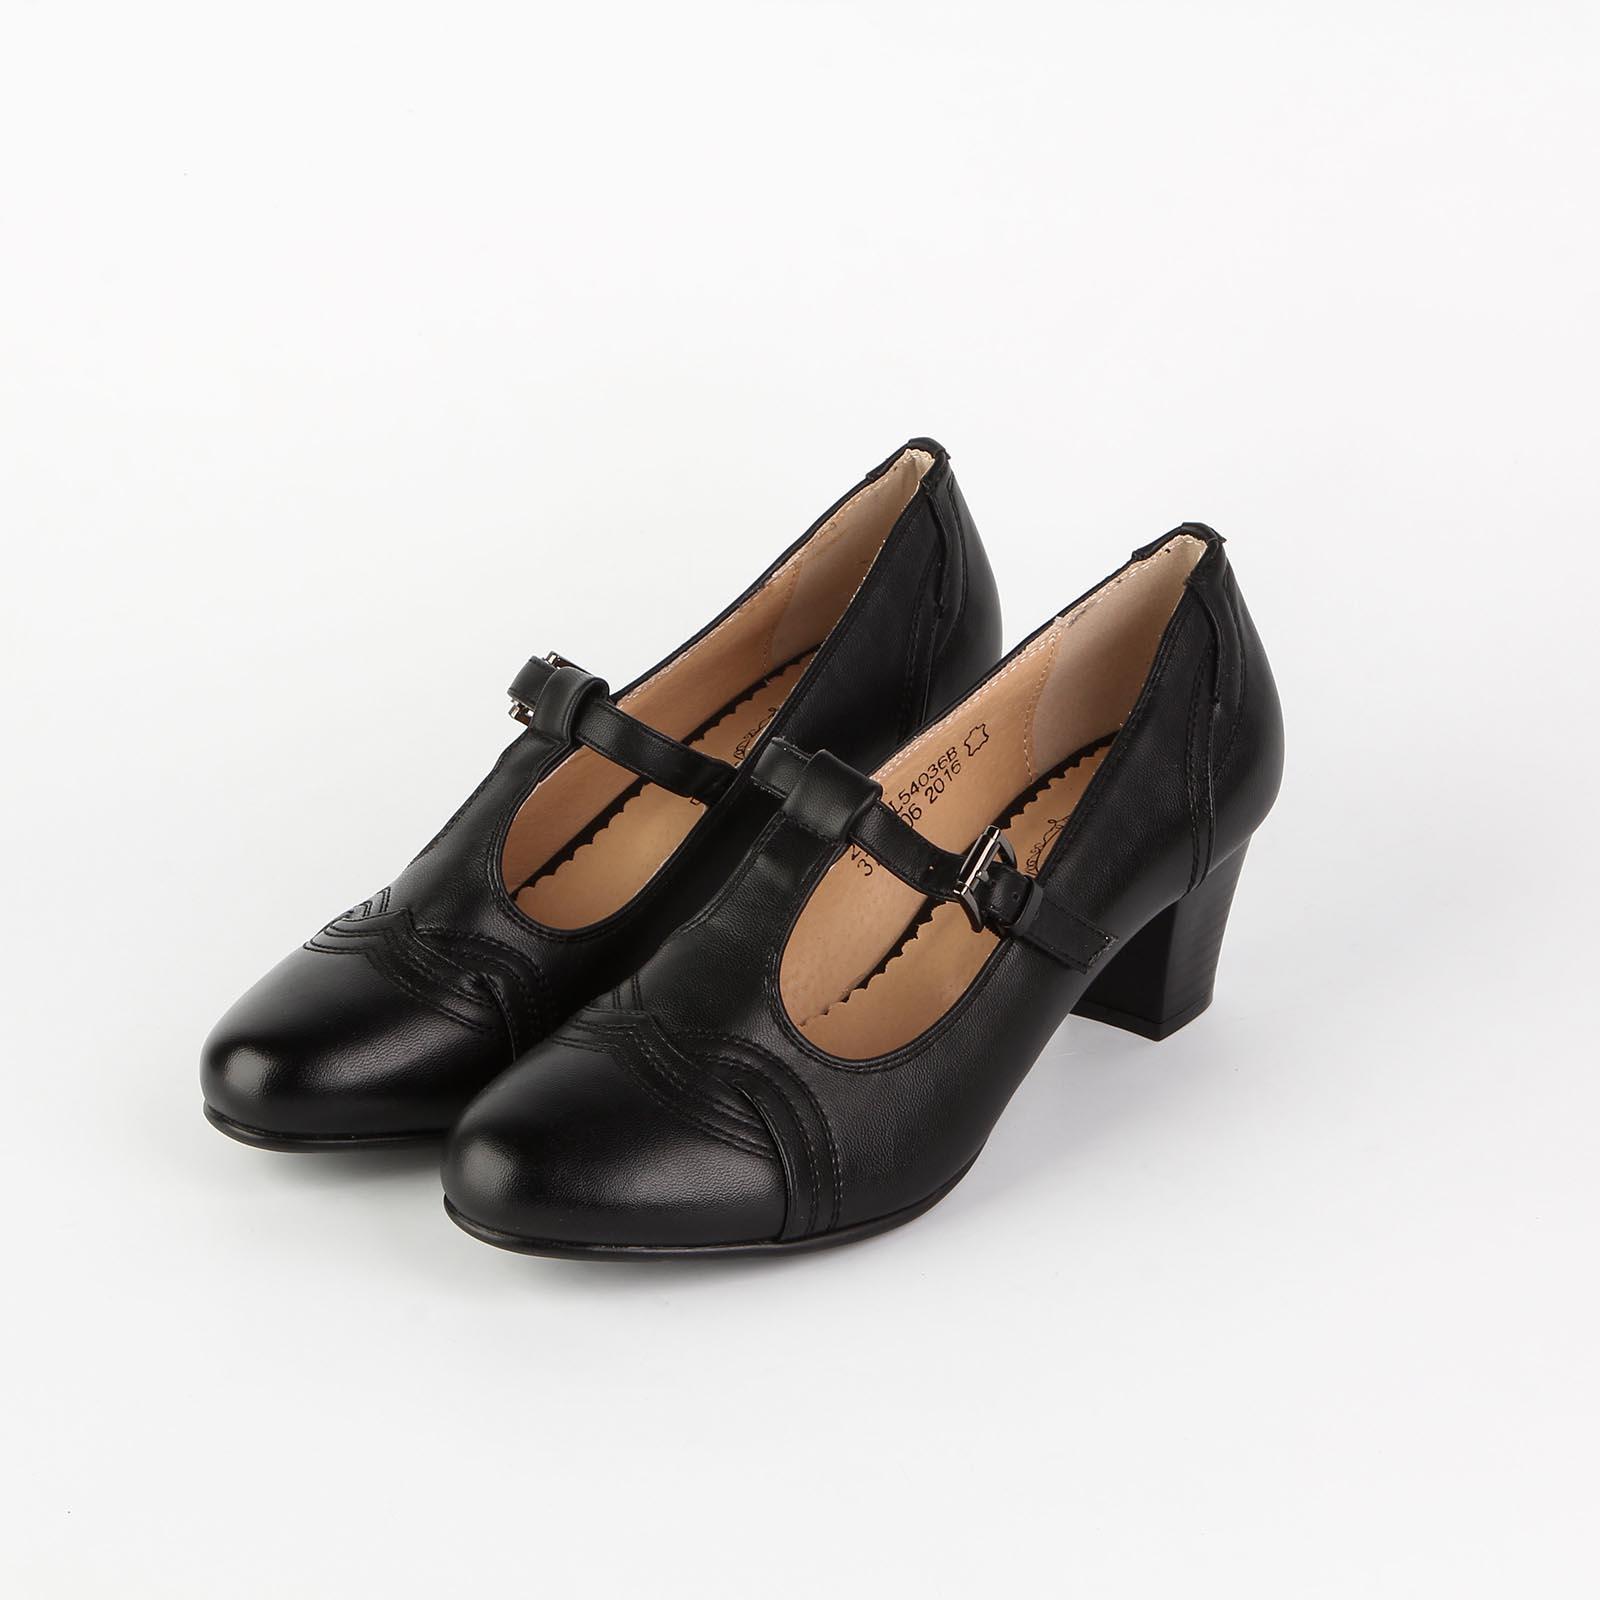 Туфли женские на ремешке с пряжкой и декоративной строчкой на мысу